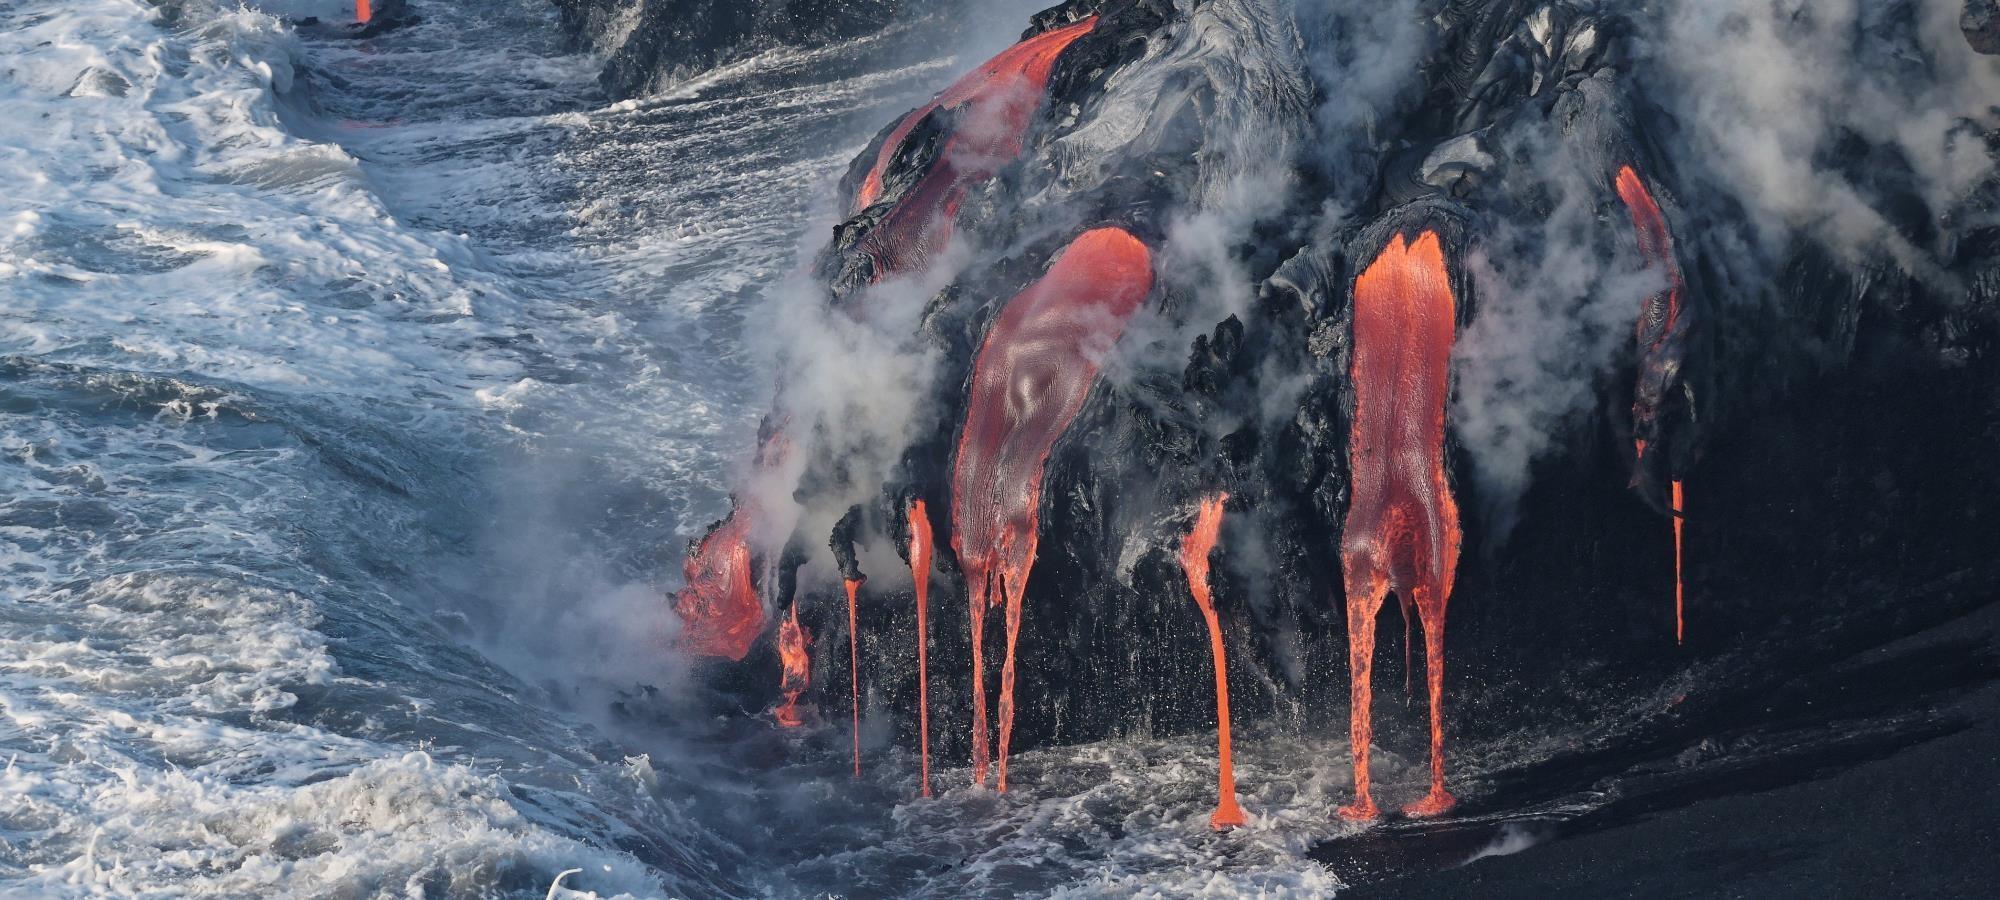 vulkane - ezine zum thema vulkane, vulkanausbrüche und